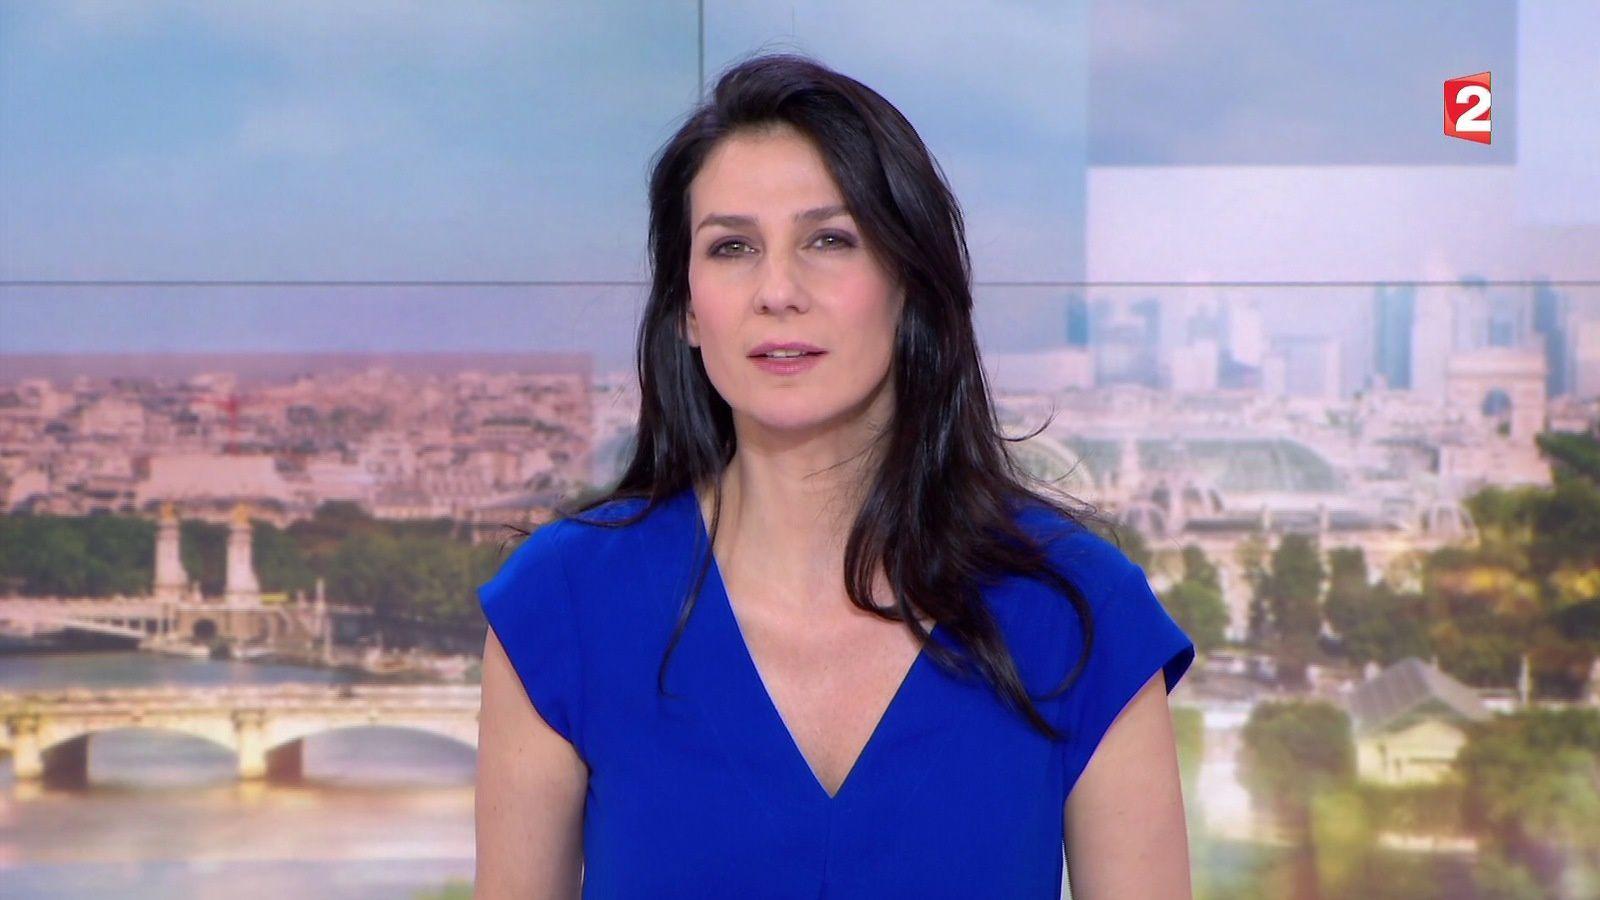 LE 13H WEEK-END de MARIE DRUCKER sur FRANCE 2 le 2016 06 18